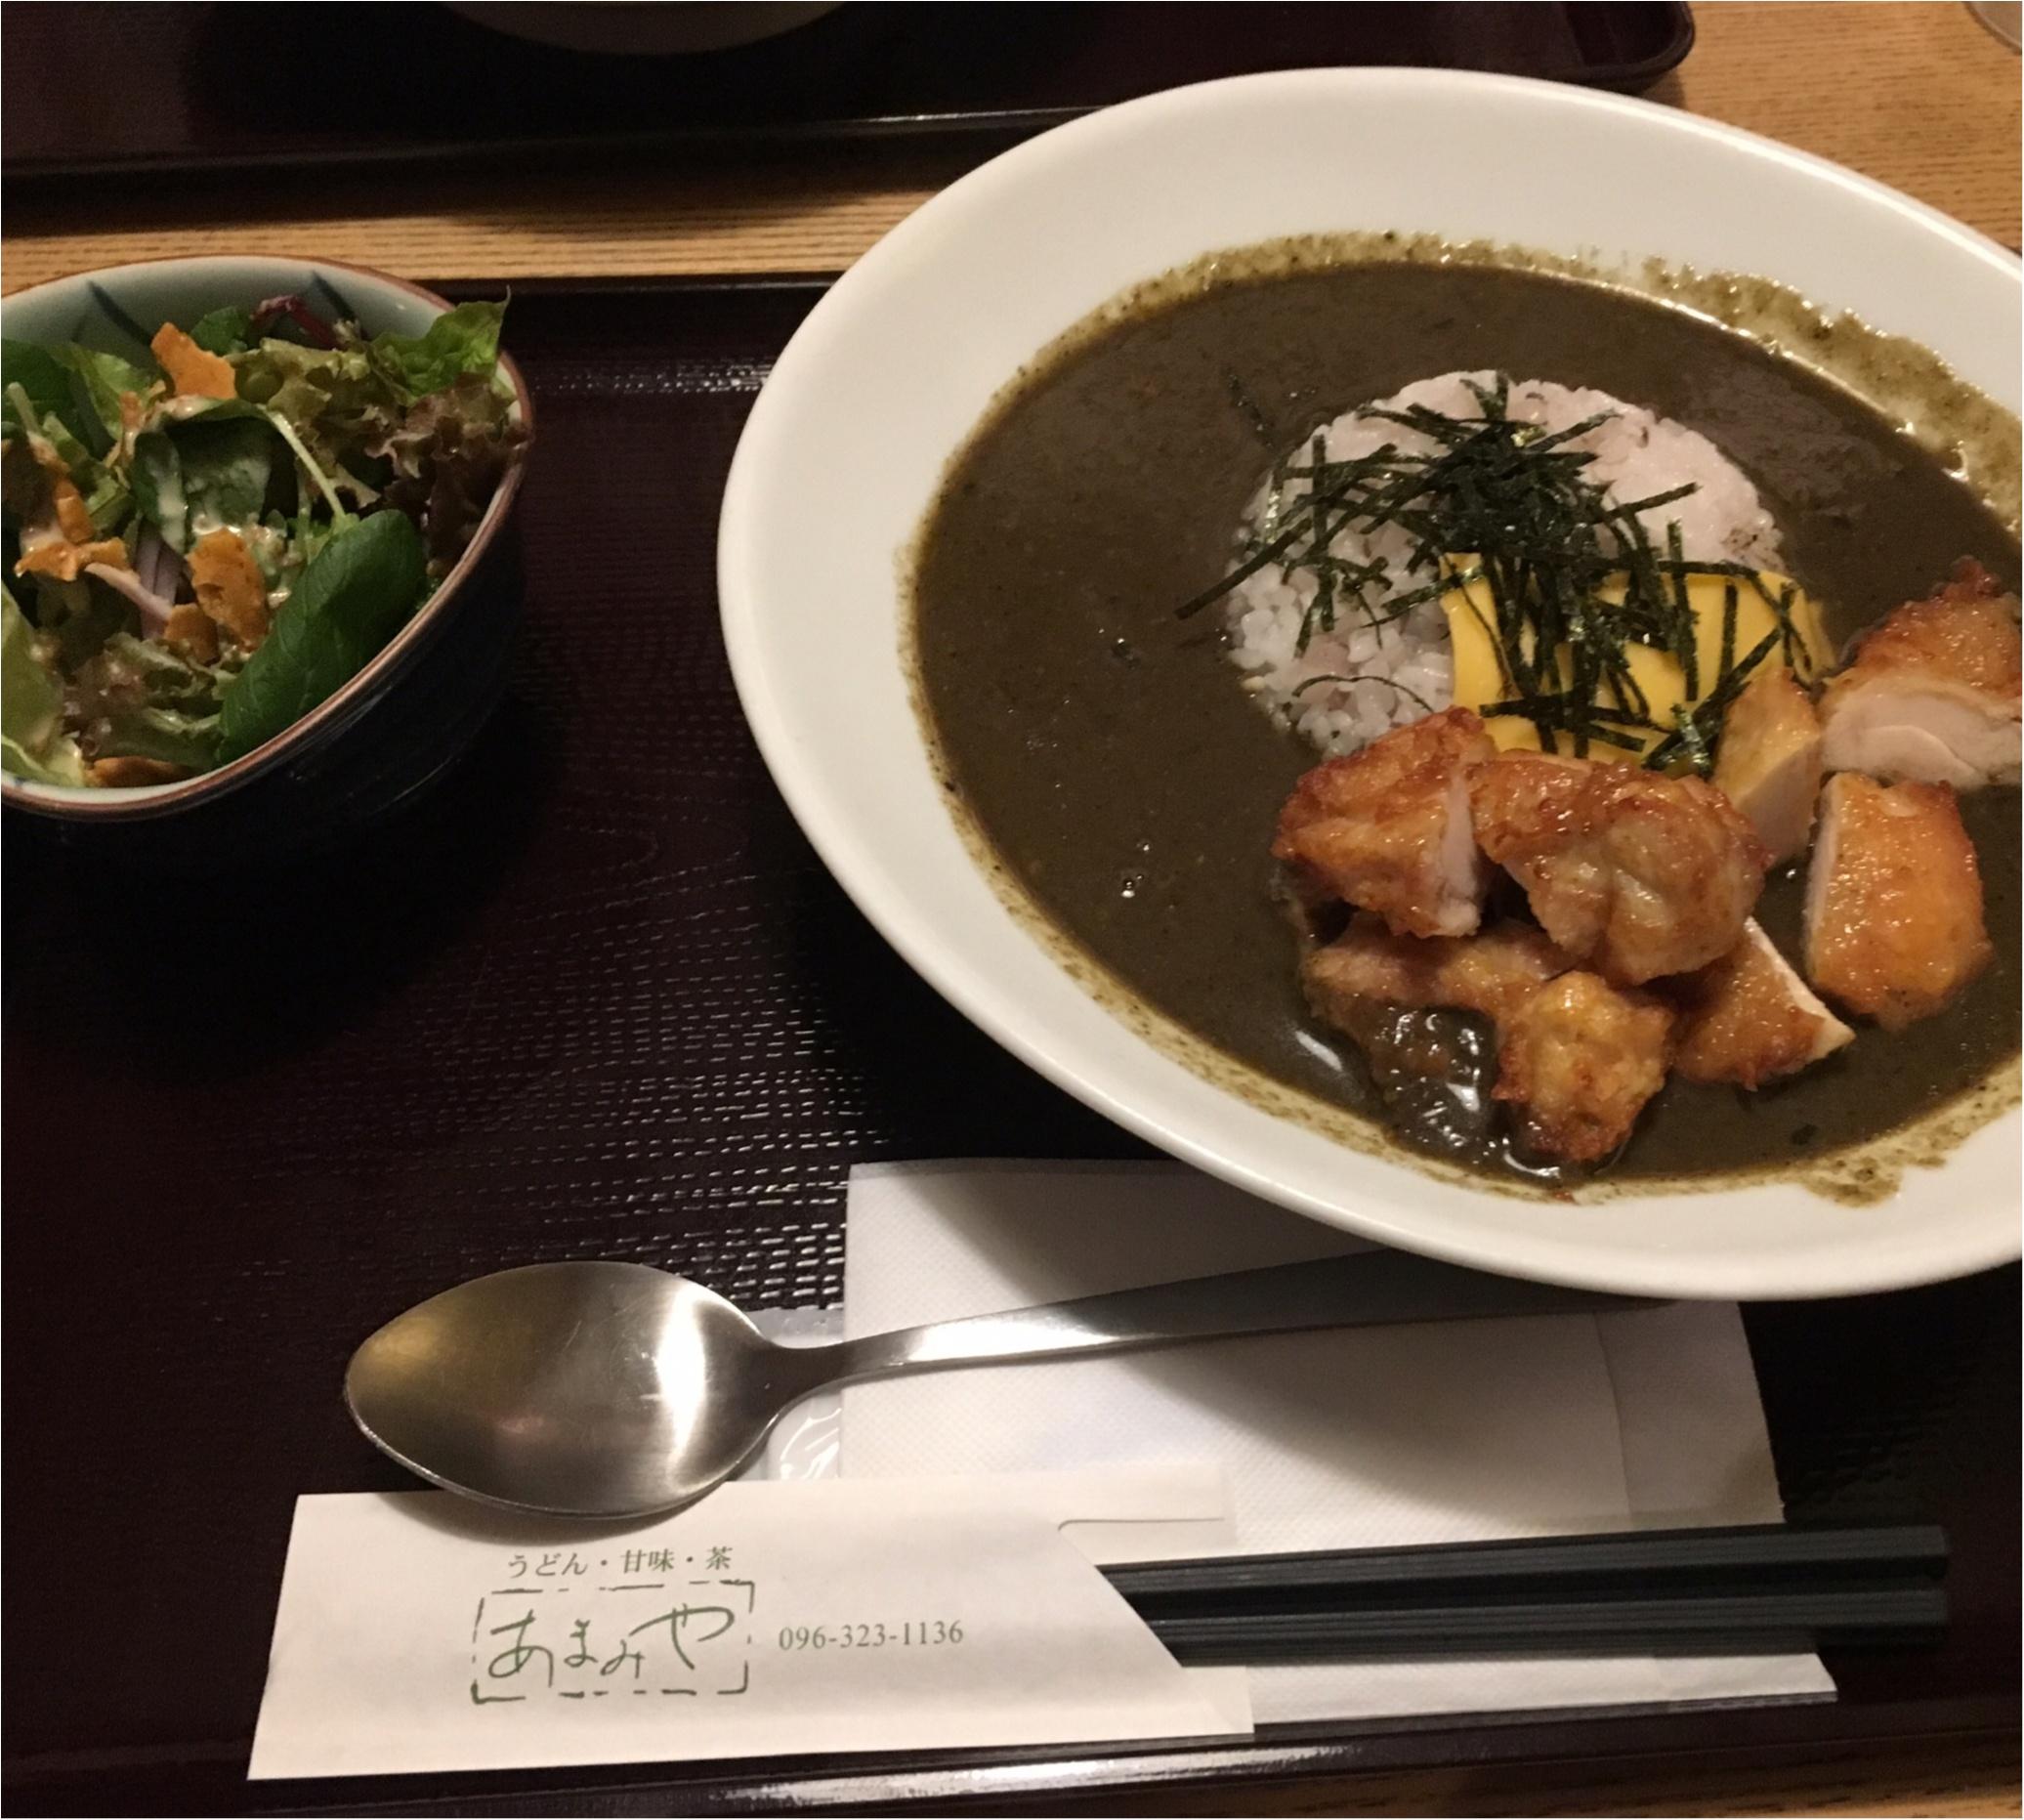 「ロコモコ丼」から「フレンチランチ」「黒カレー」まで! 熊本市内で私がオススメしたいランチまとめ!!!【#モアチャレ 熊本の魅力発信!】_10